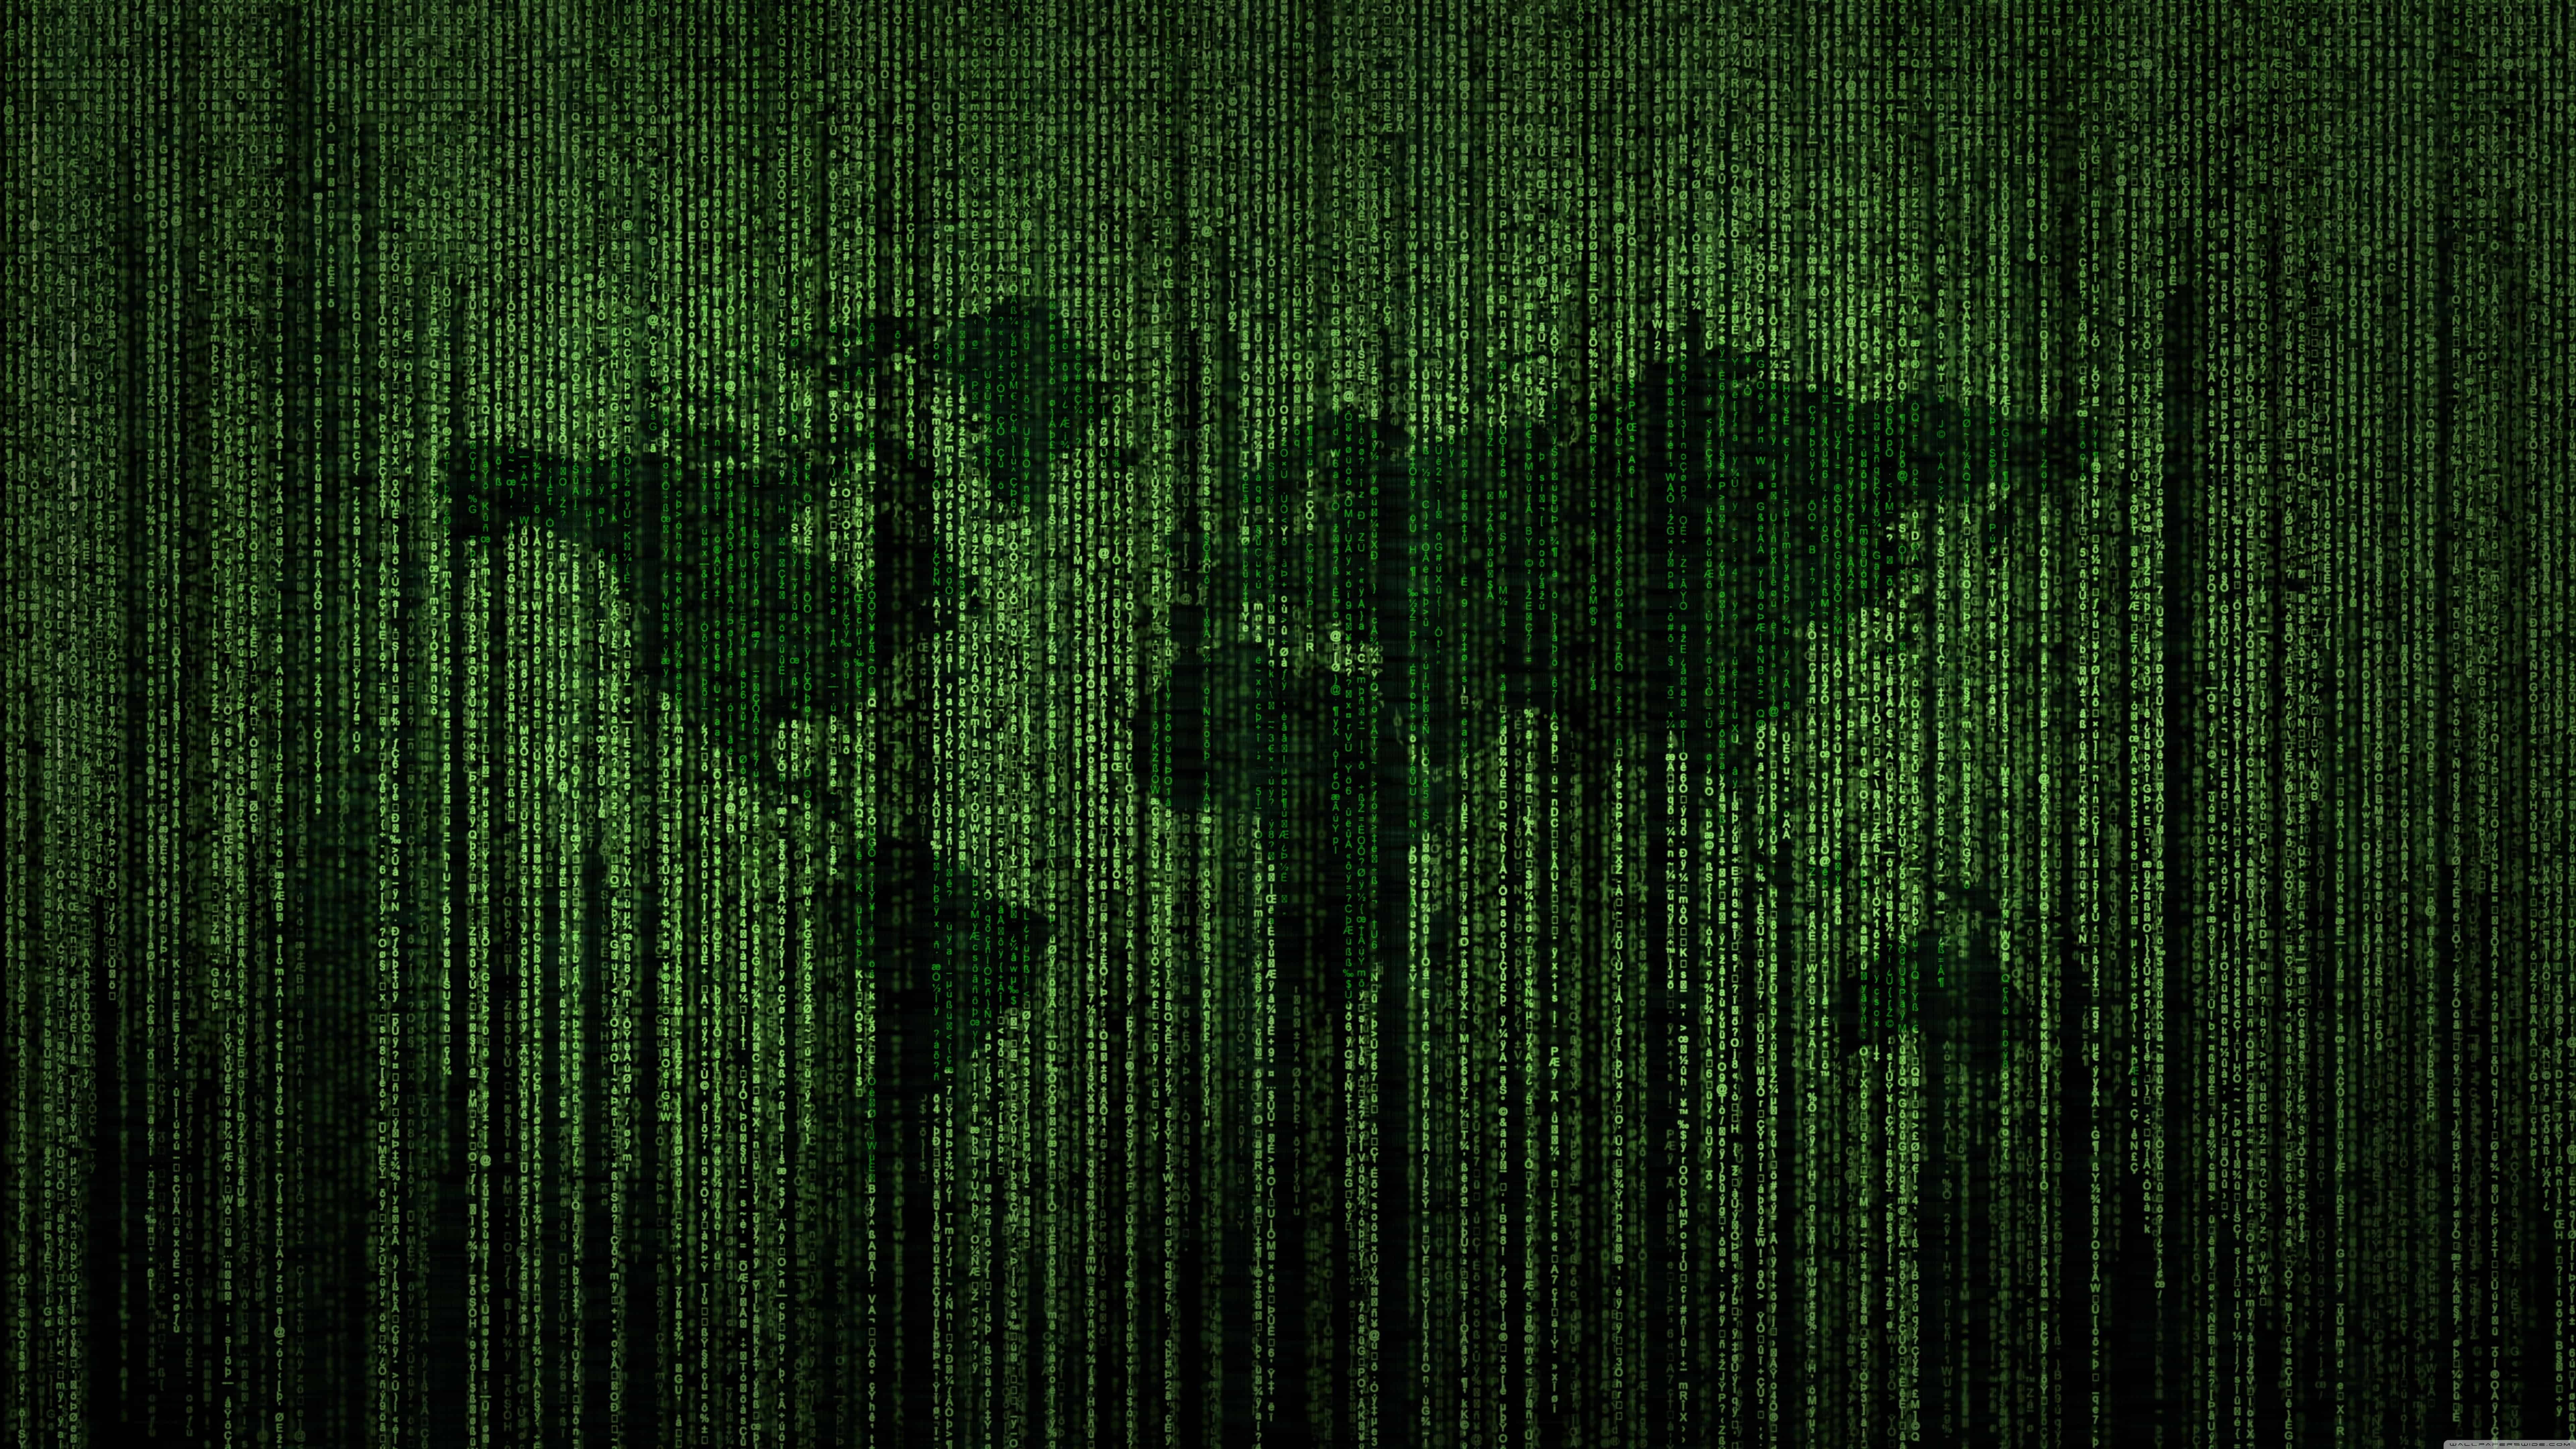 green matrix code world map uhd 8k wallpaper